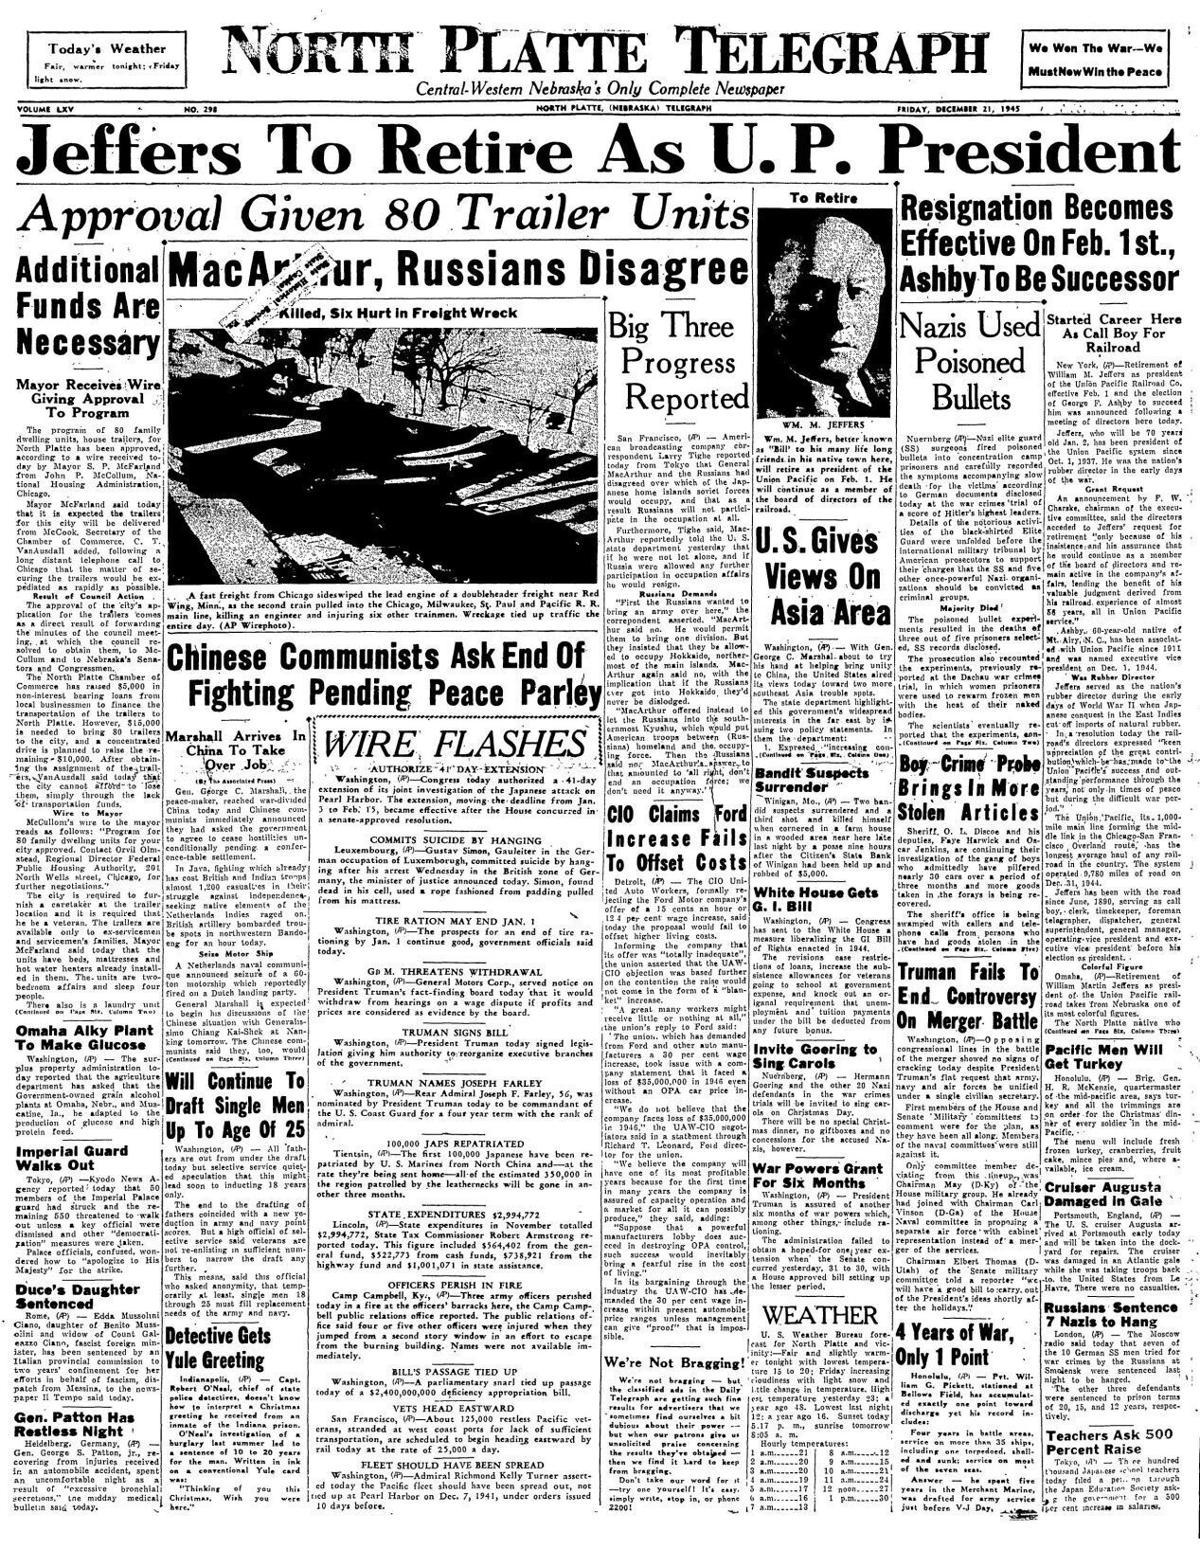 Telegraph front page Dec. 21, 1945